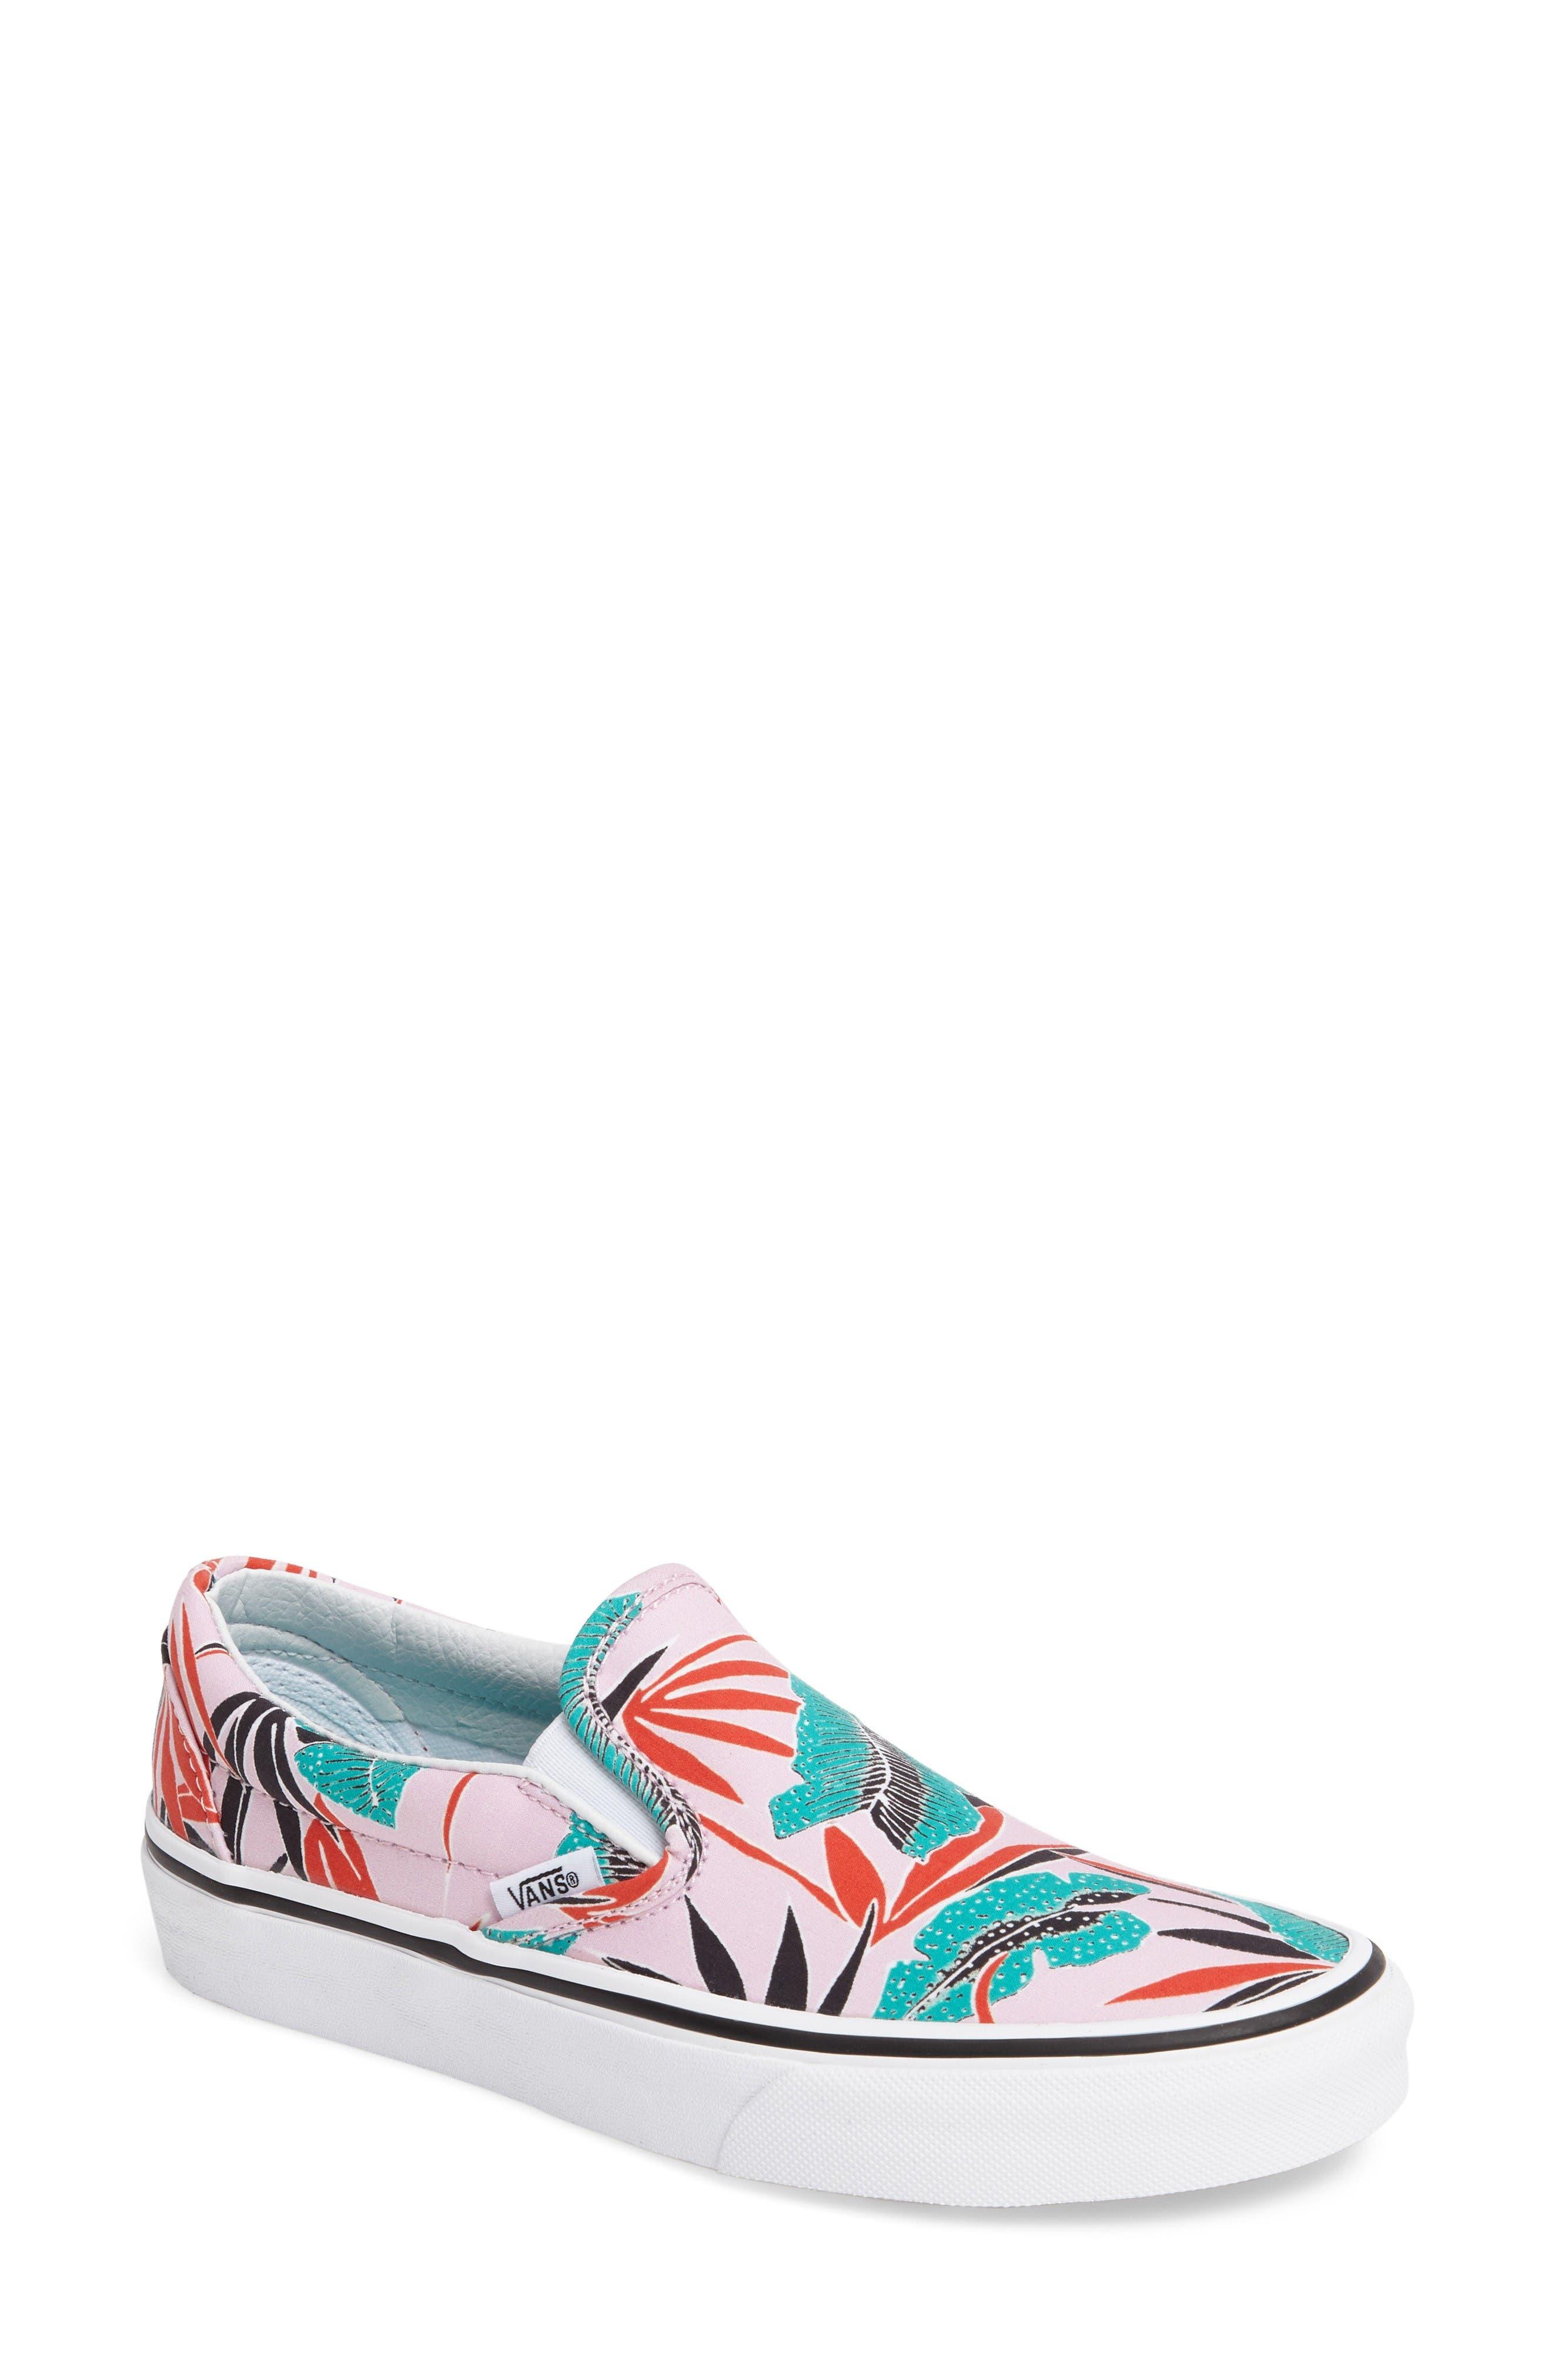 Main Image - Vans Classic Slip-On Sneaker (Women)